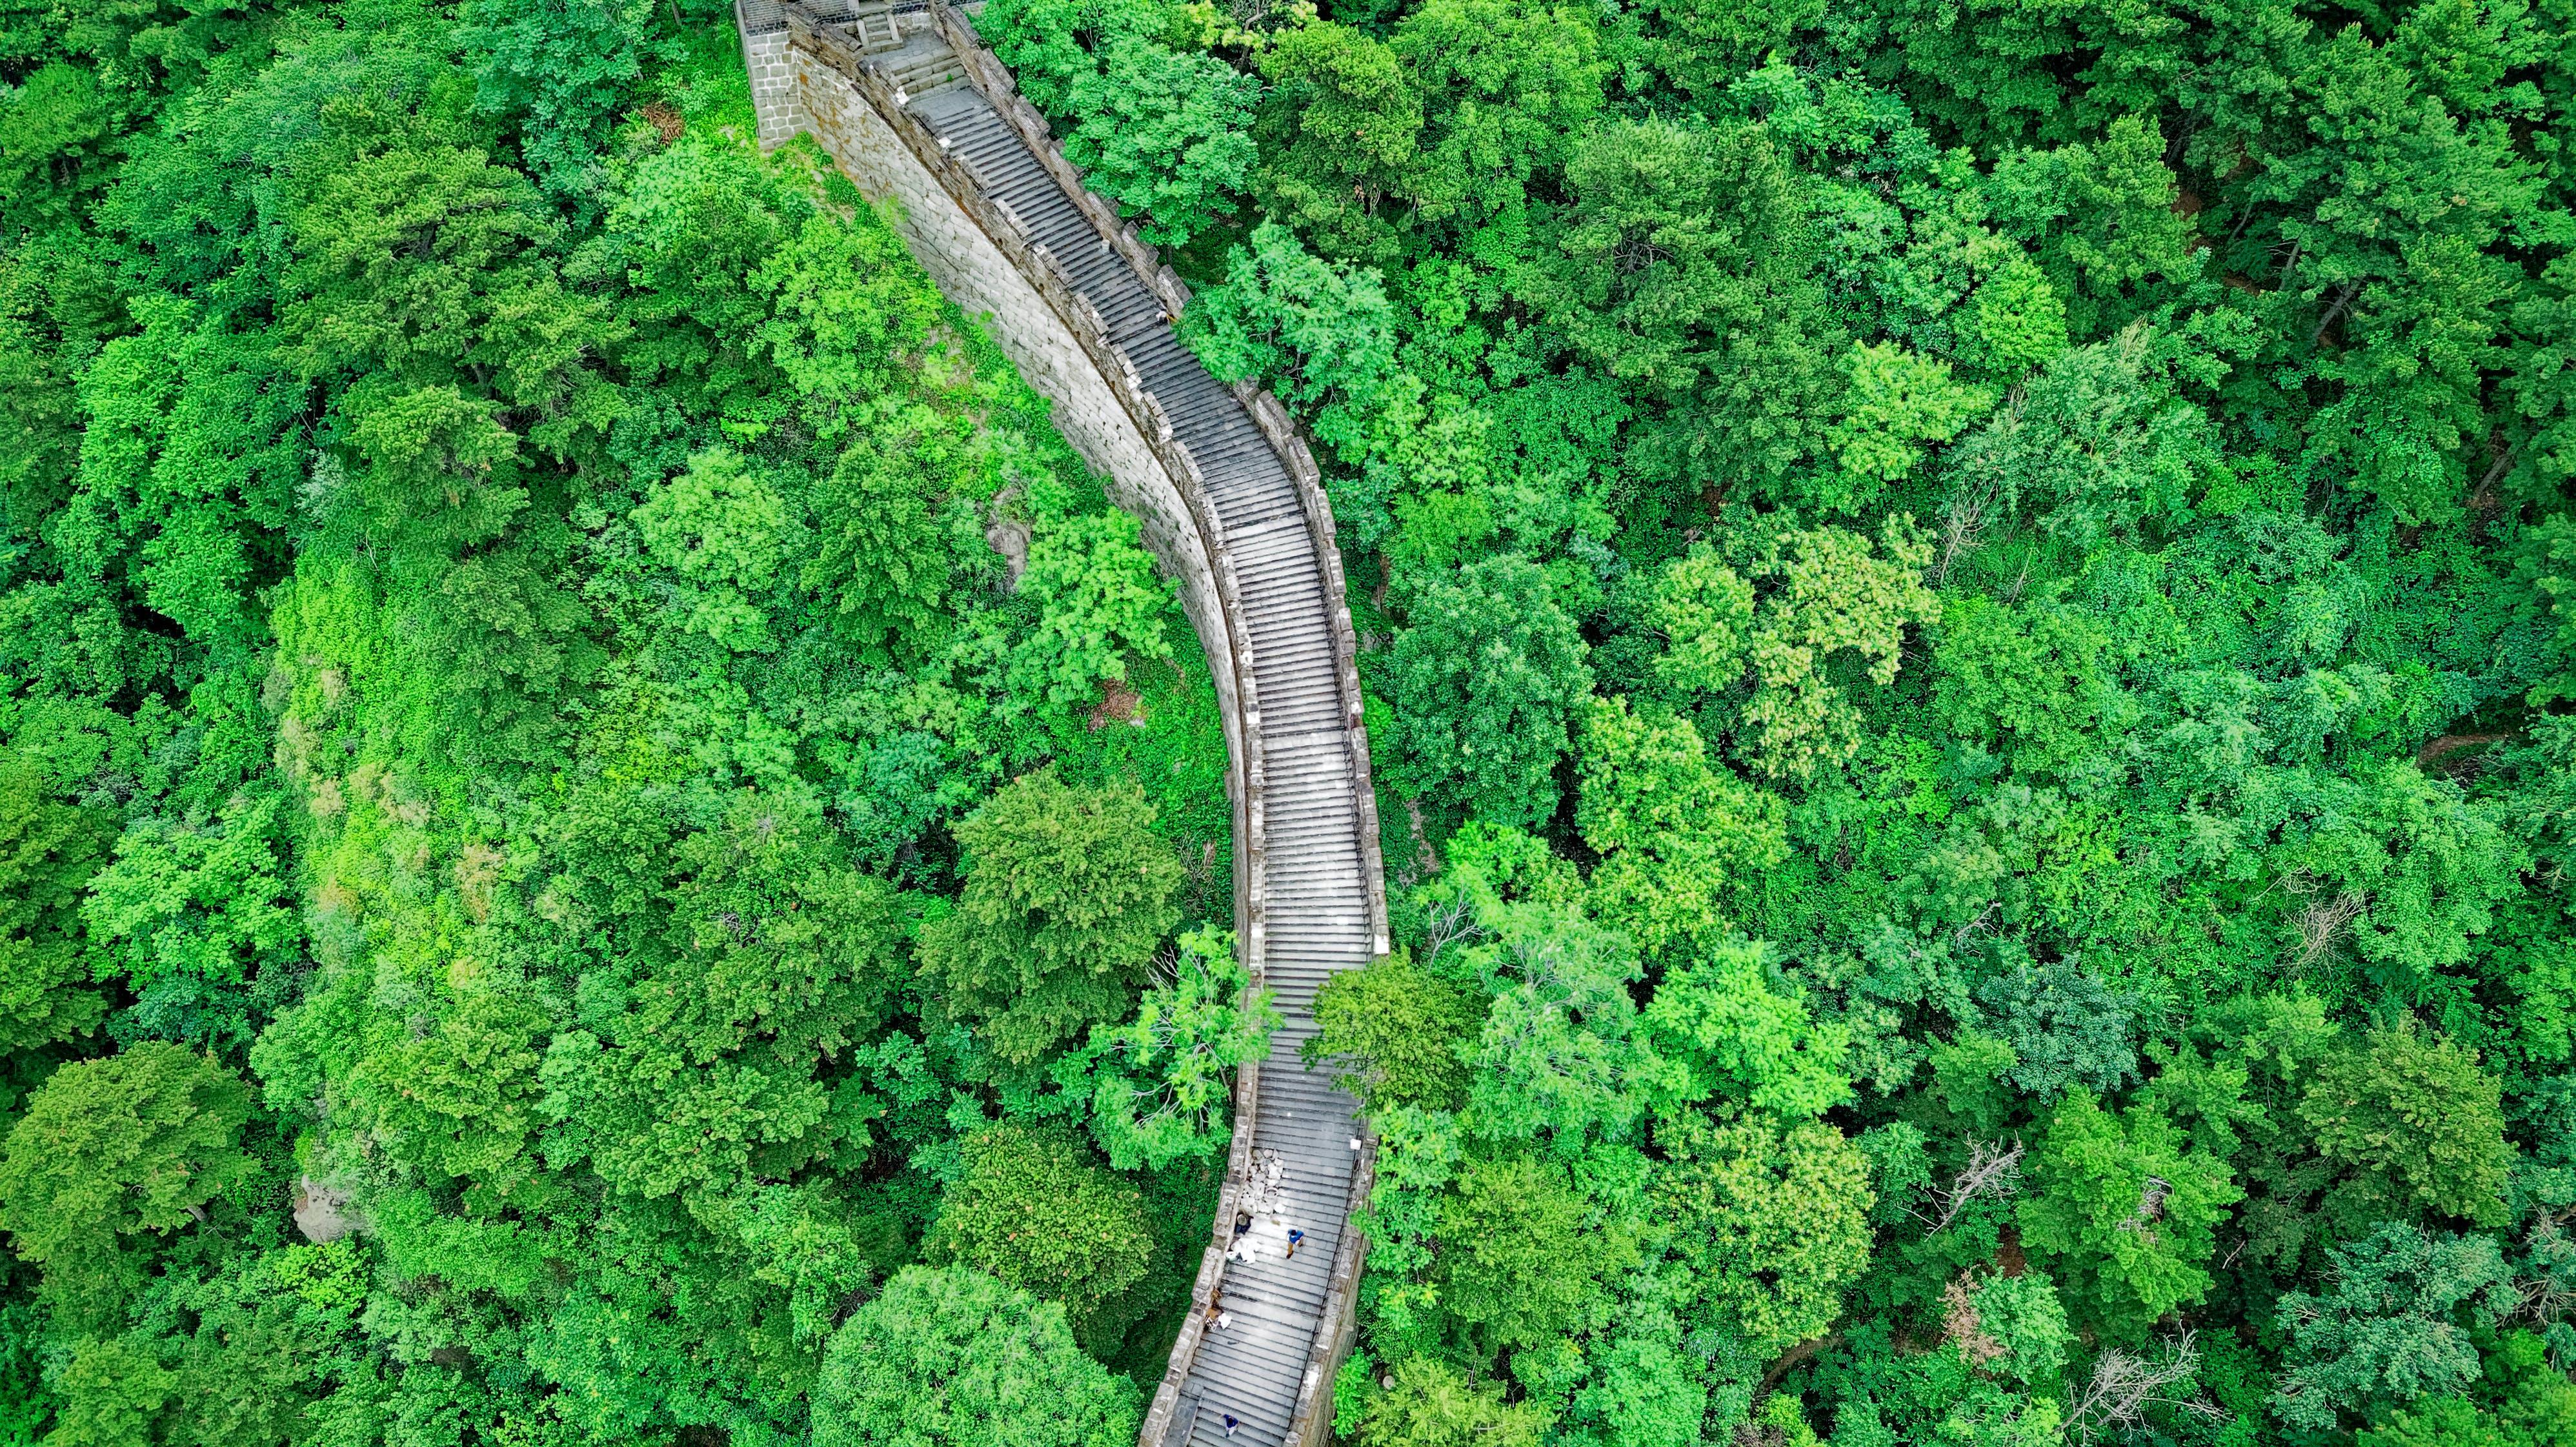 Fotos de stock gratuitas de antiguo, arboles, bosque, China